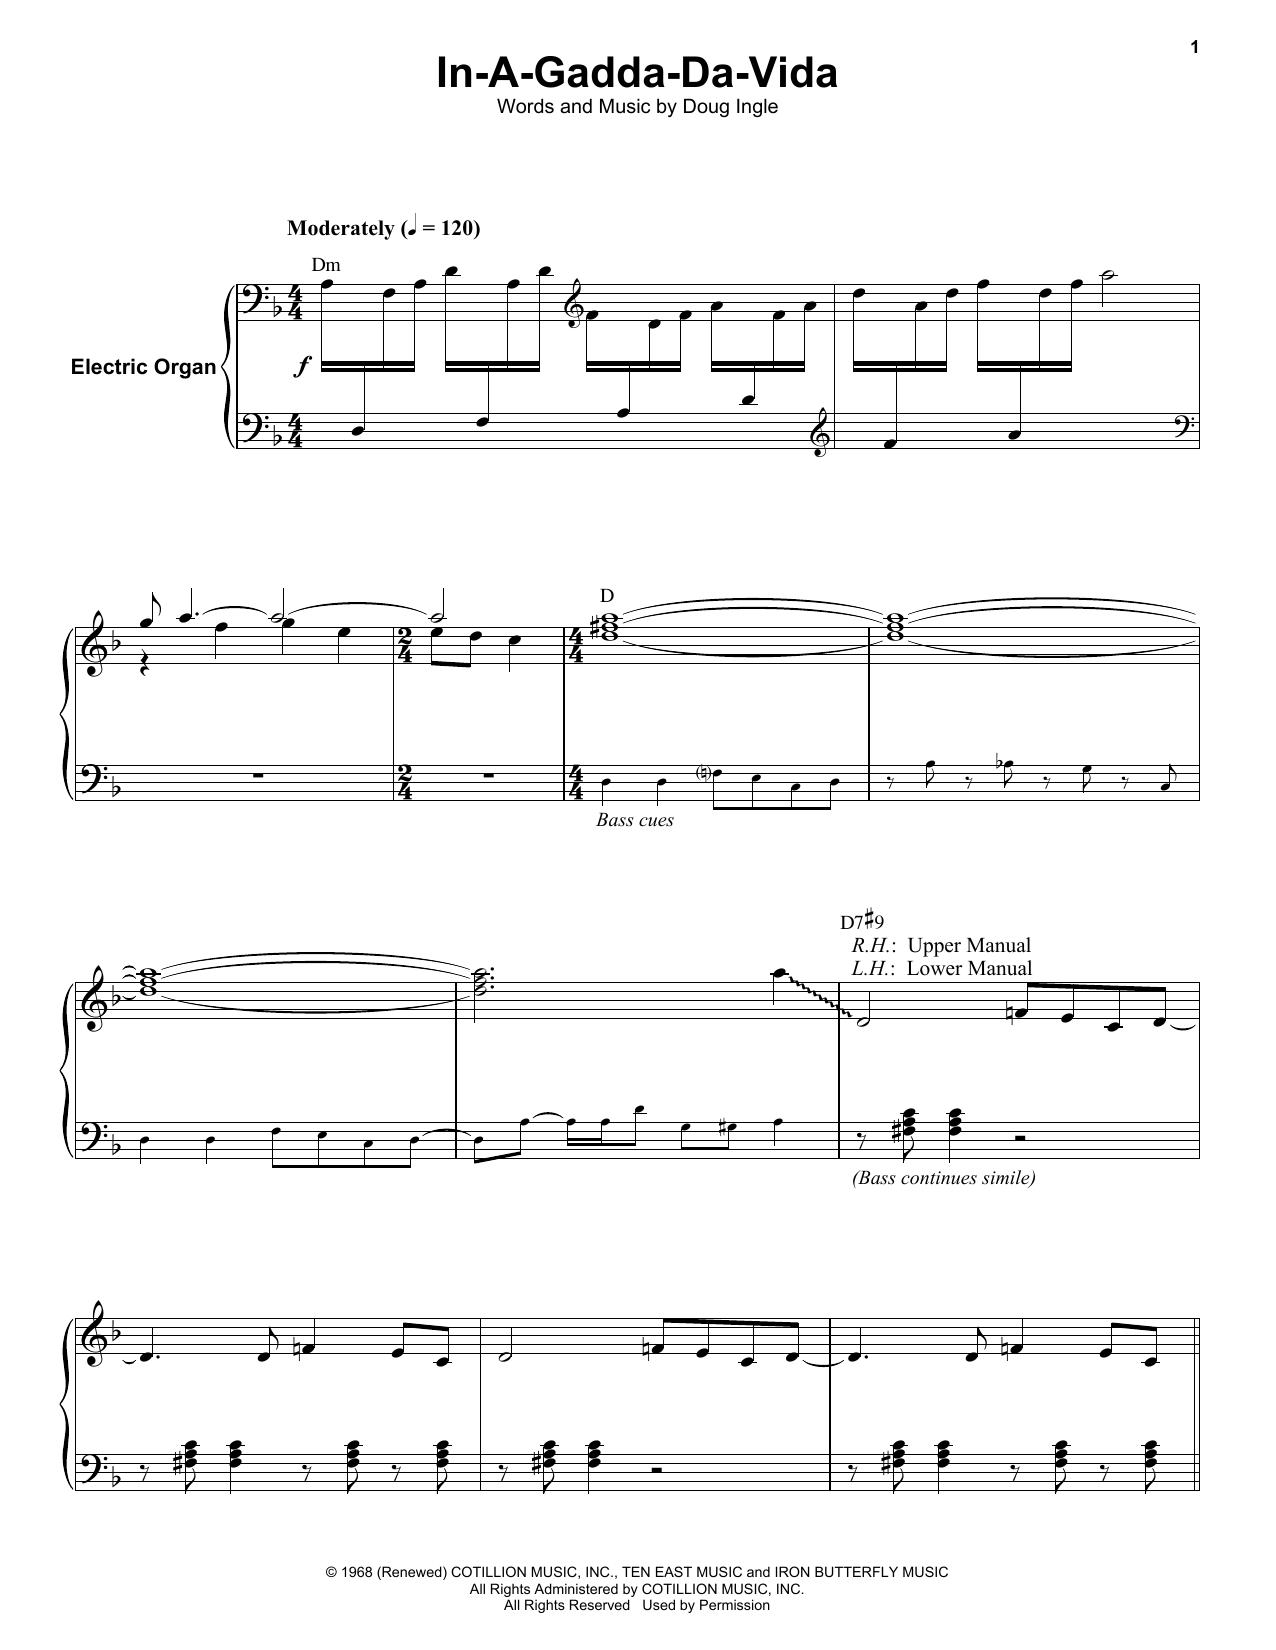 In-A-Gadda-Da-Vida (Keyboard Transcription)